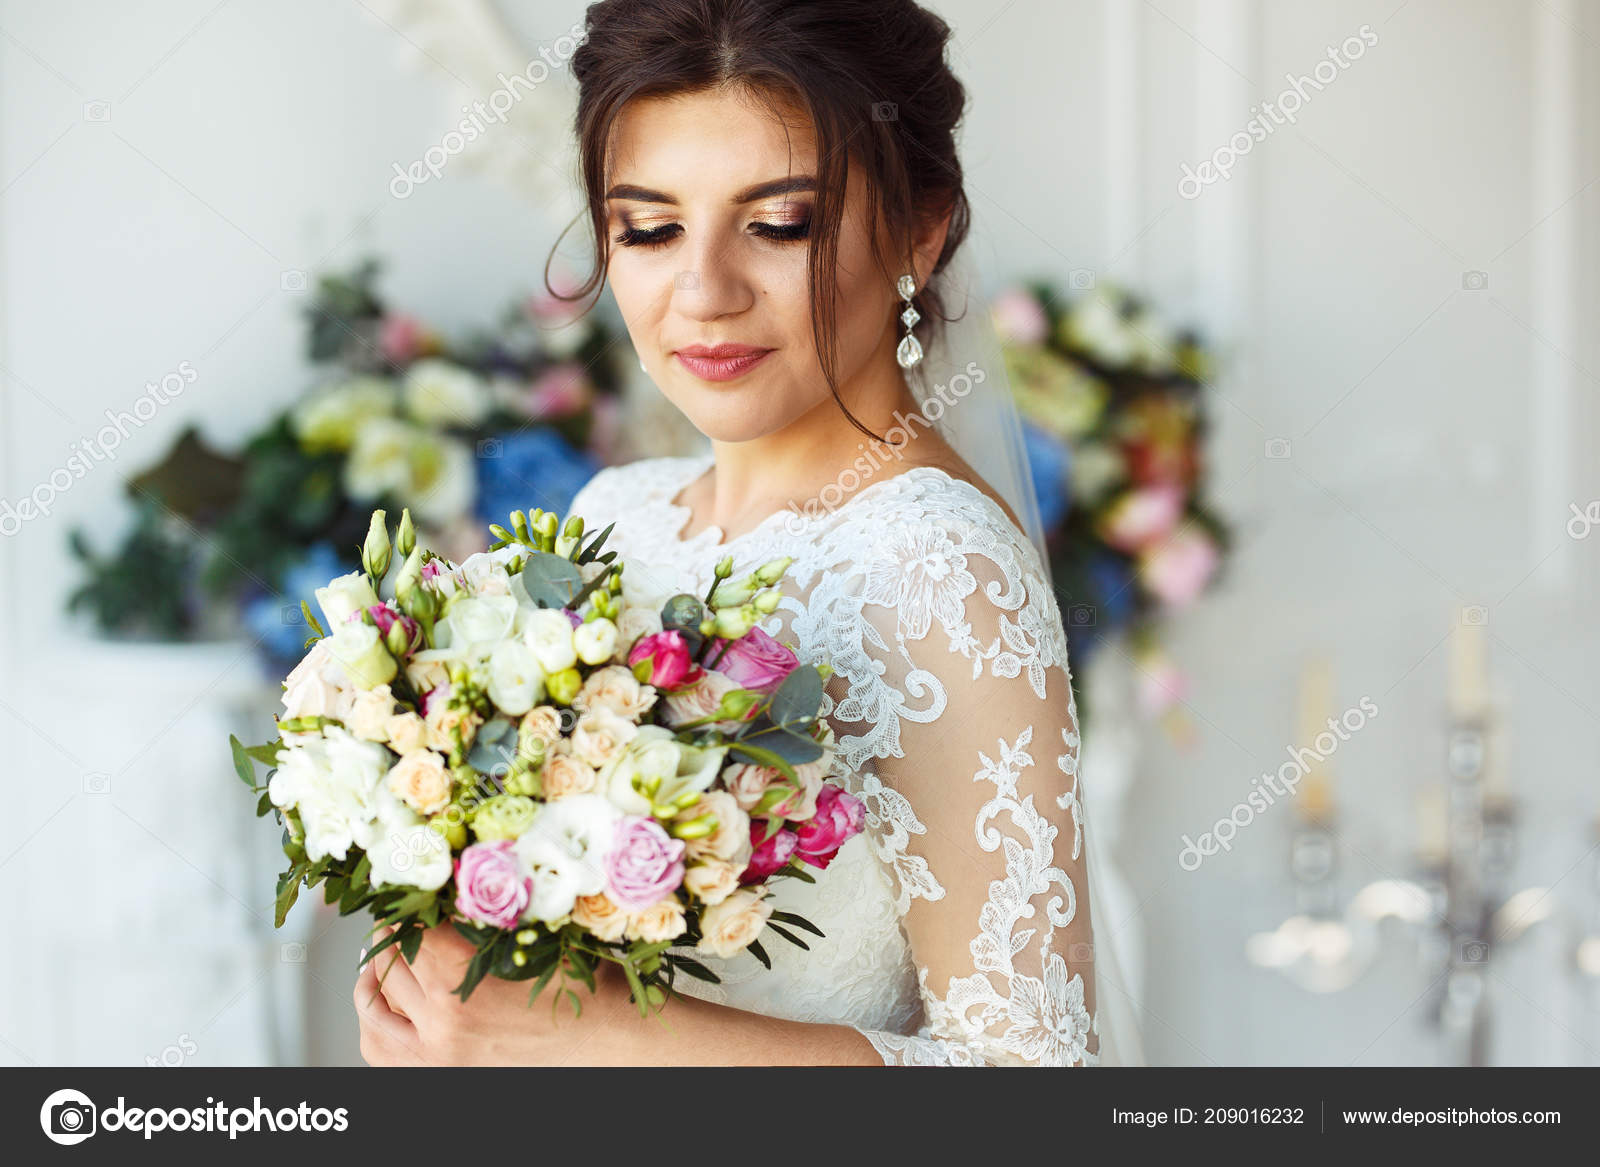 Beautiful Bride Fashion Wedding Hairstyle White Background Wedding